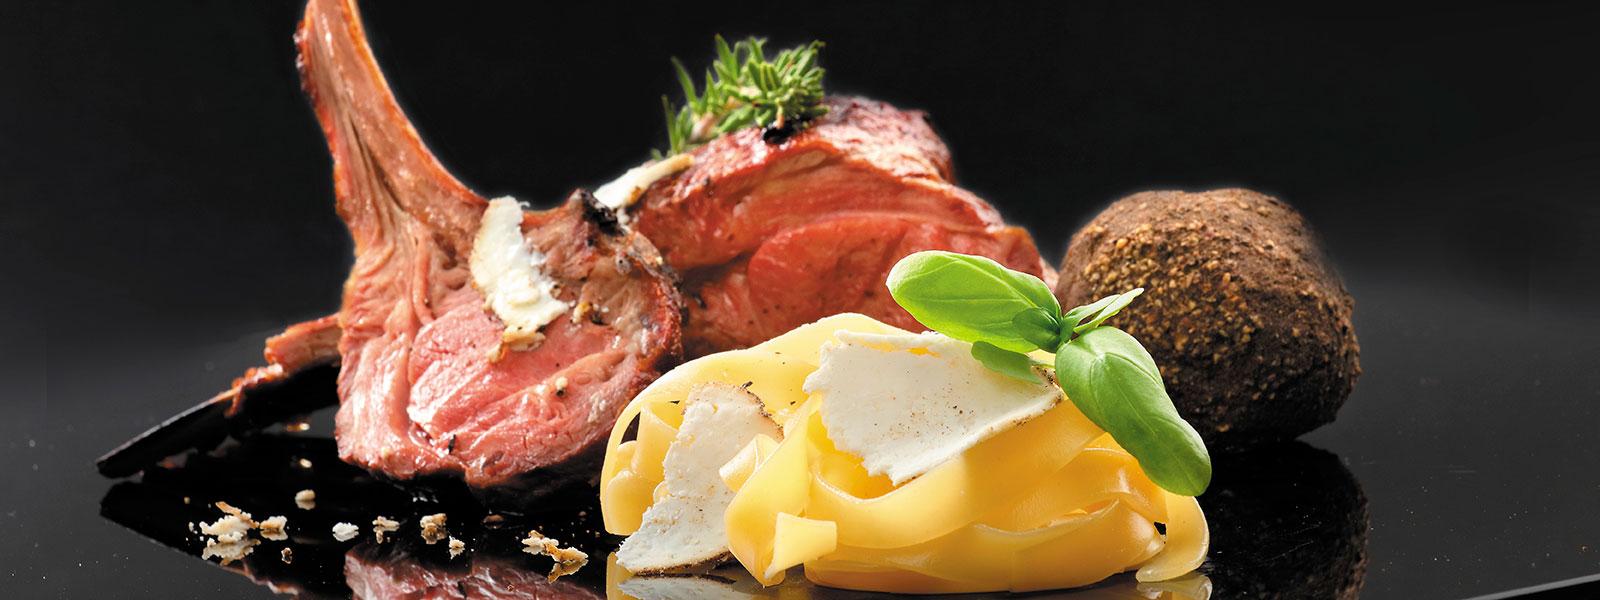 Lamm und Pasta delikat angerichtet mit gehobeltem Genussjuwel